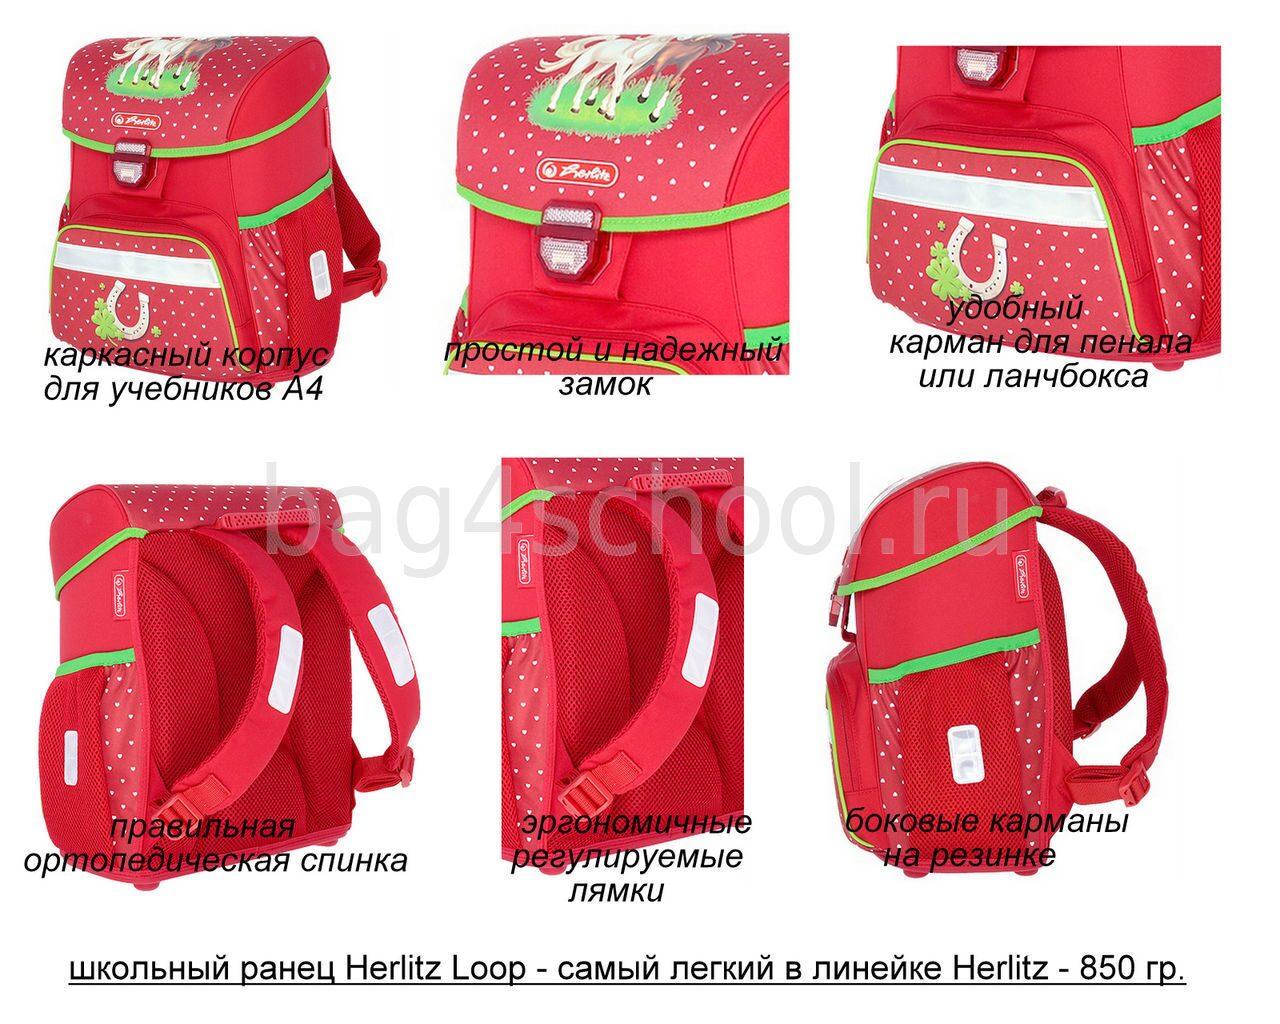 Школьный ранец Herlitz Loop Plus -интернет-магазин Школьный Ранец